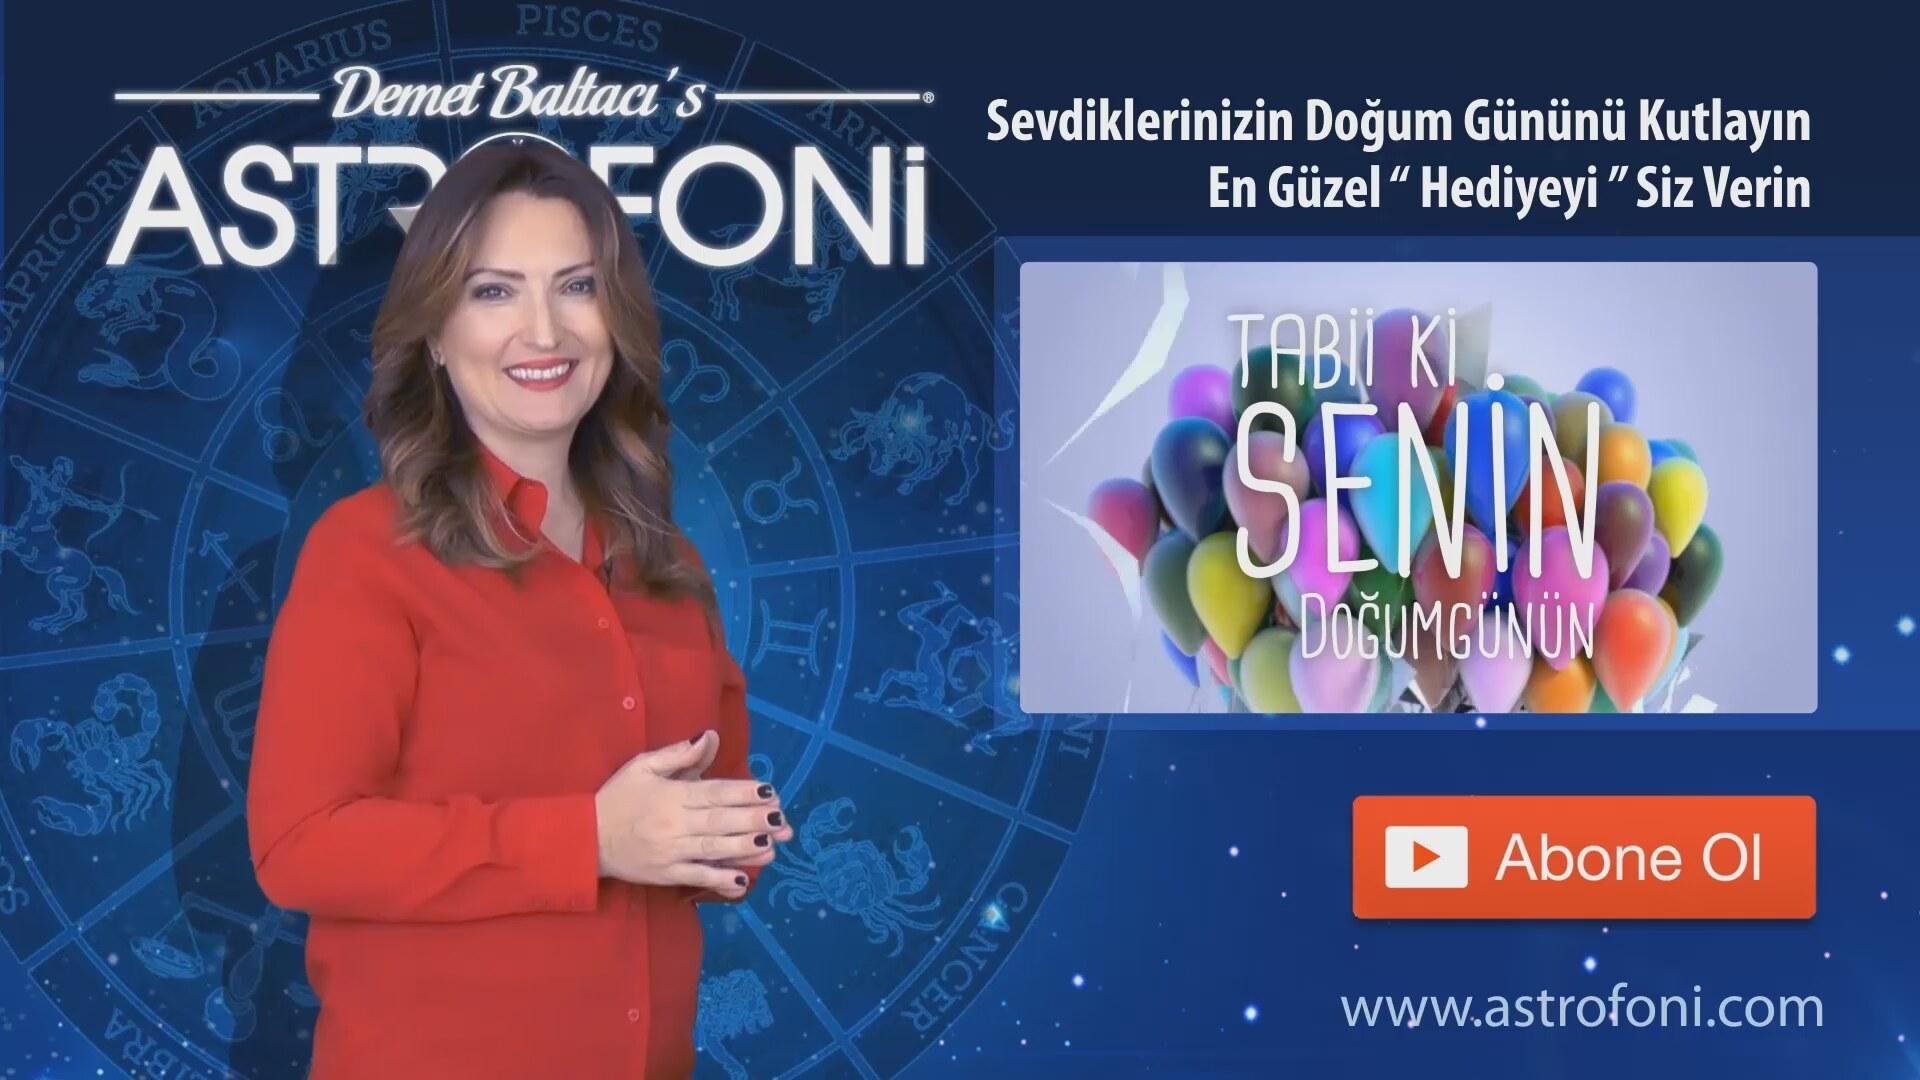 Balık Günlük Yorumu 24 Temmuz 2016 Pazar Demet Baltacı Izlesenecom